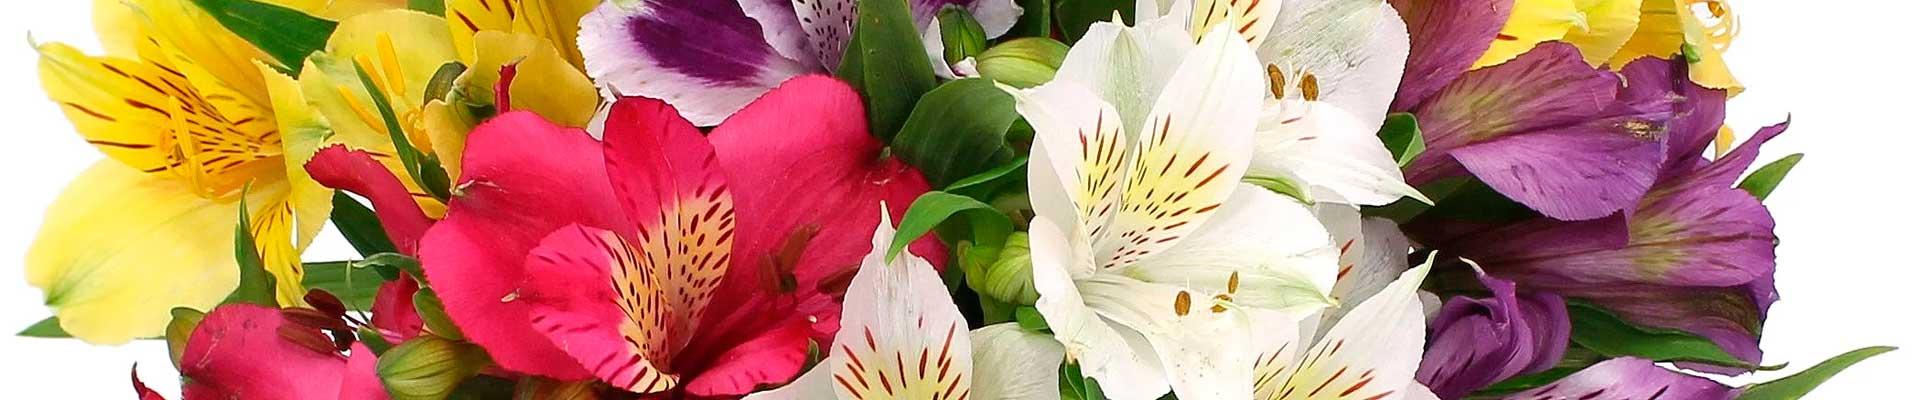 flores de astromelias